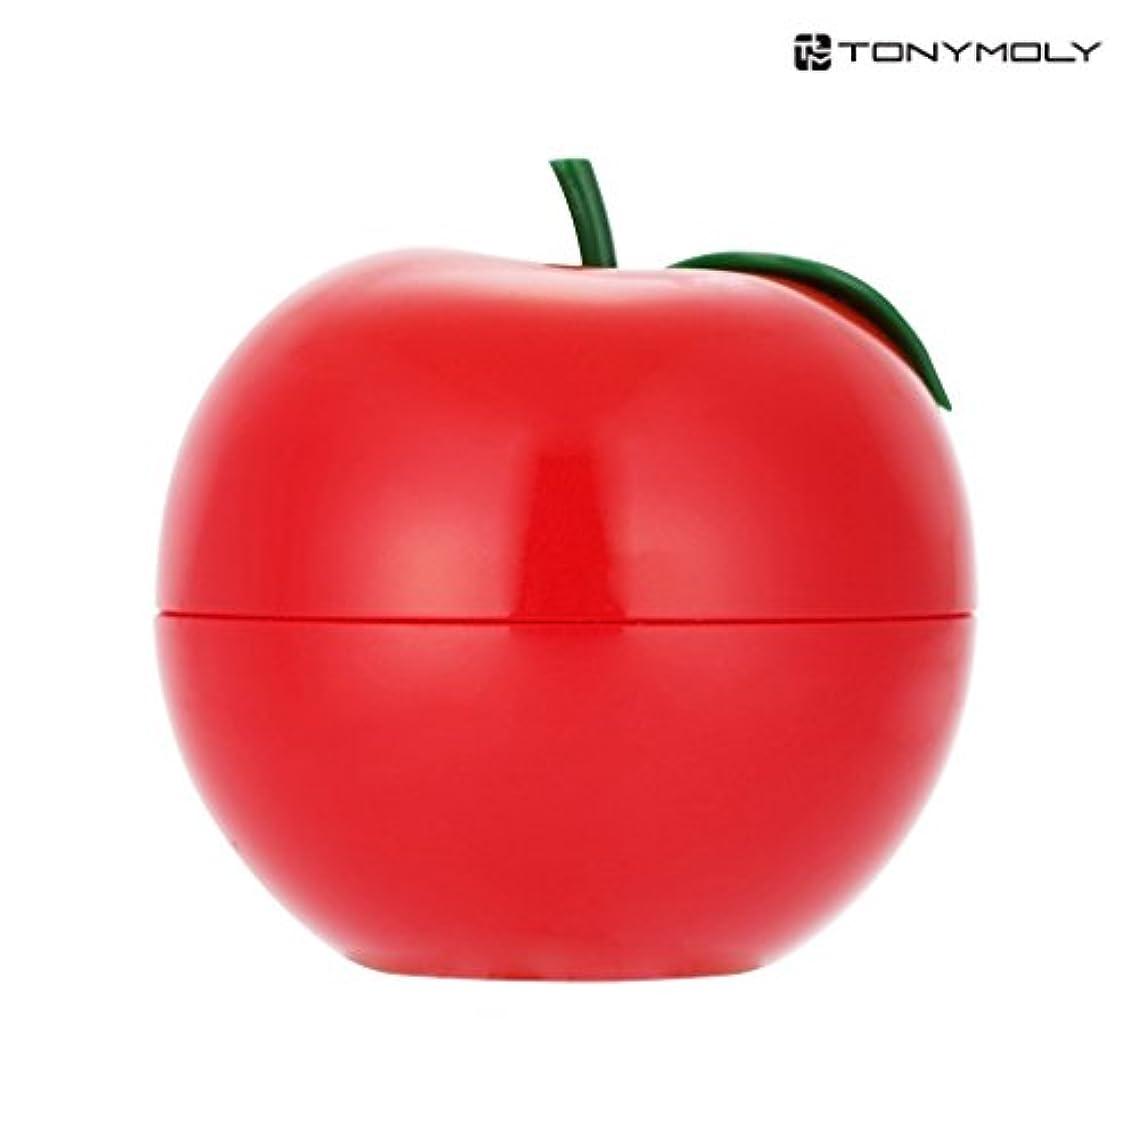 サミットプリーツ団結するTONYMOLY トニーモリー レッド?アップル?ハンドクリーム 30g (Red Apple Hand Cream) 海外直送品